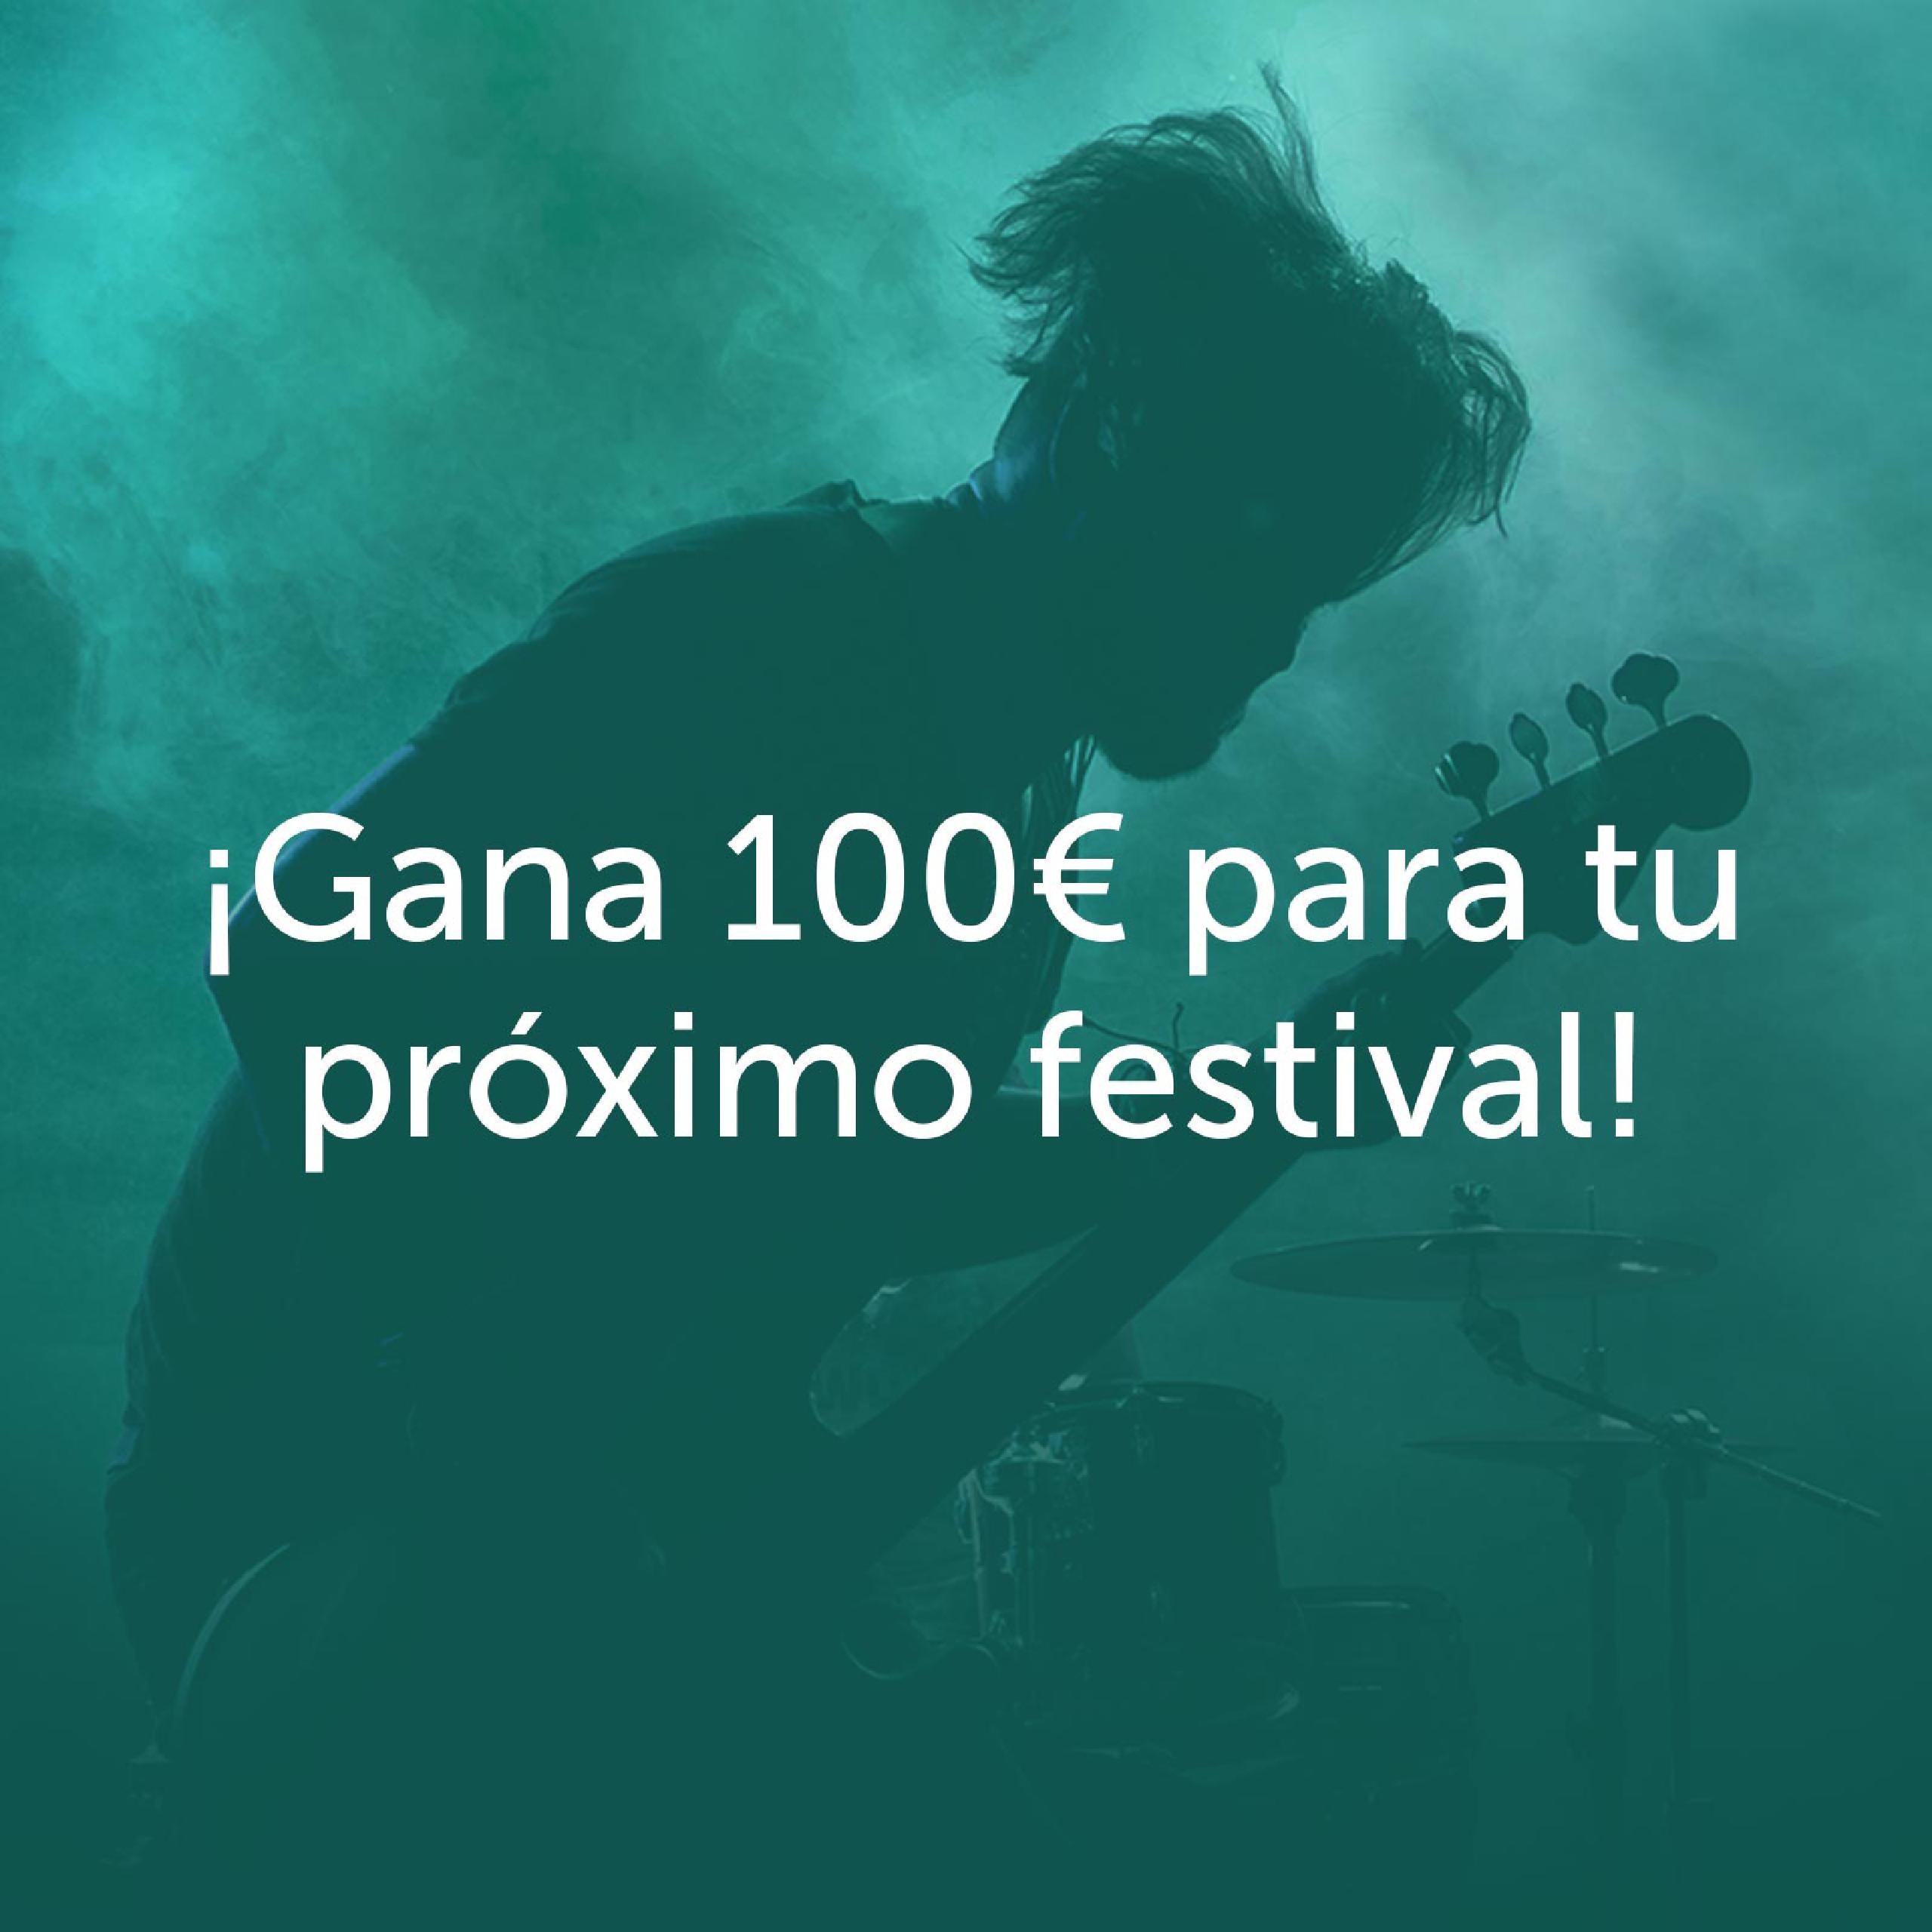 Dinos en qué festival conociste a tu banda favorita y gana 100 euros para tu próximo festival ¡La respuesta más original gana!